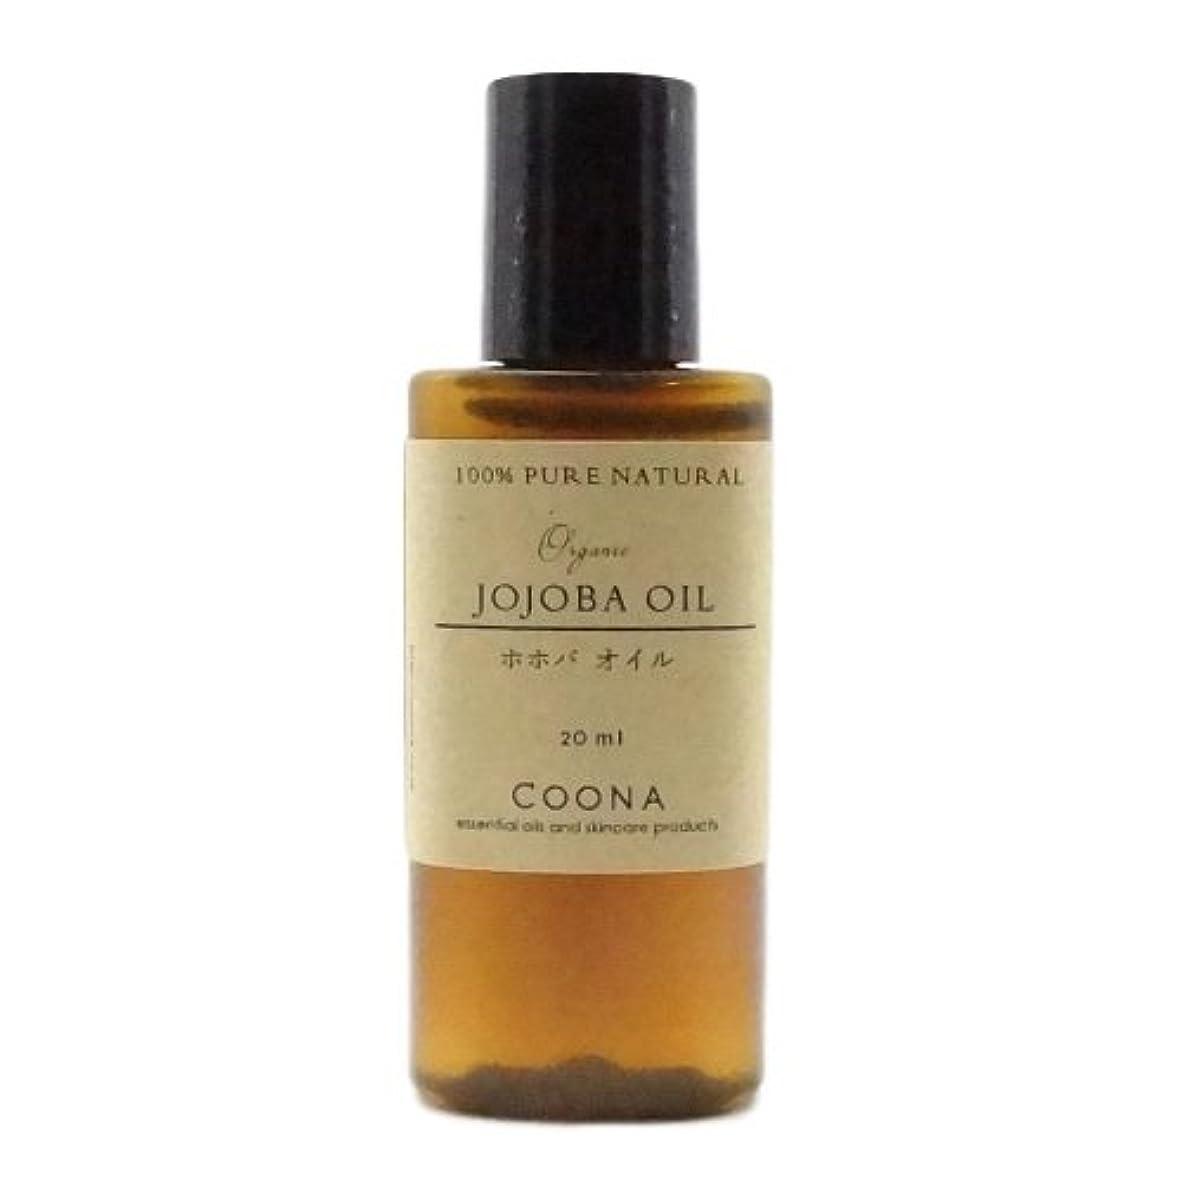 集中的な中級改修ホホバオイル 20 ml (COONA キャリアオイル ベースオイル 100%ピュア ナチュラル 天然植物油)